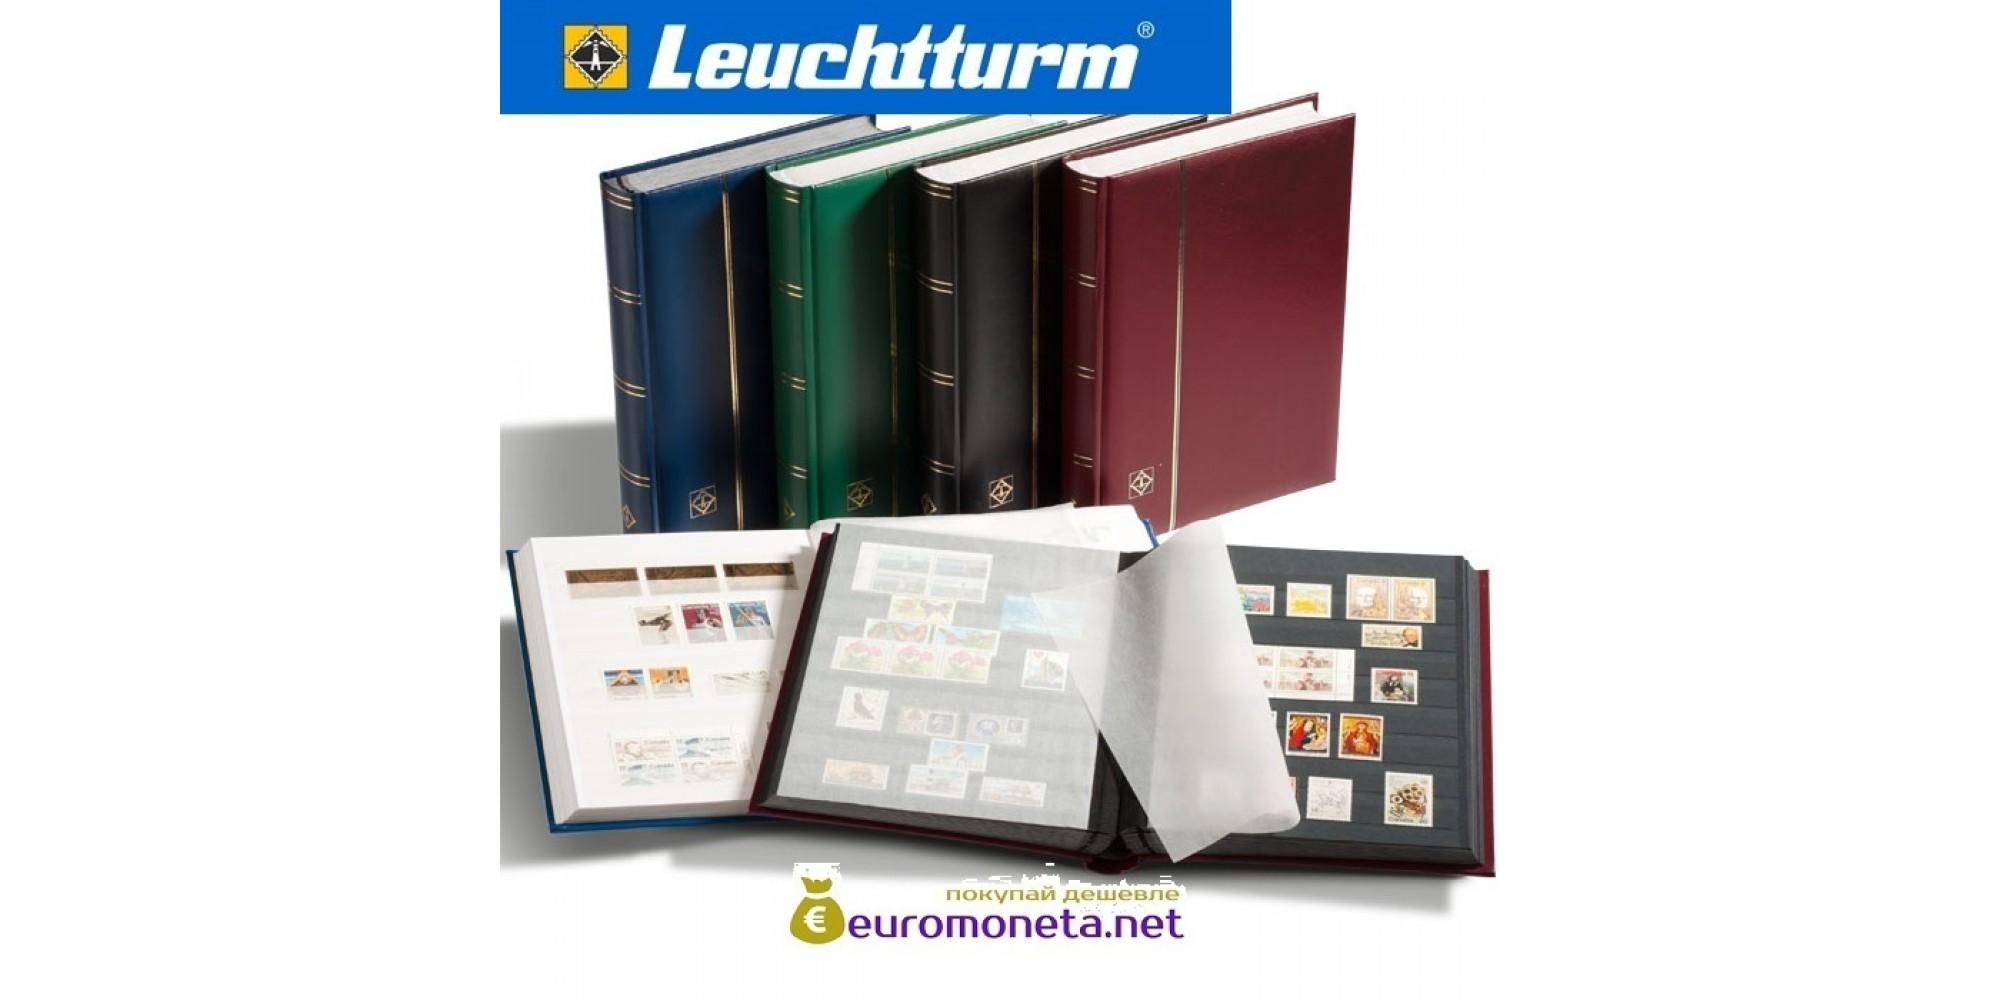 Leuchtturm альбом COMFORT DIN A4 S64 белые страницы, мягкая обложка, чёрный